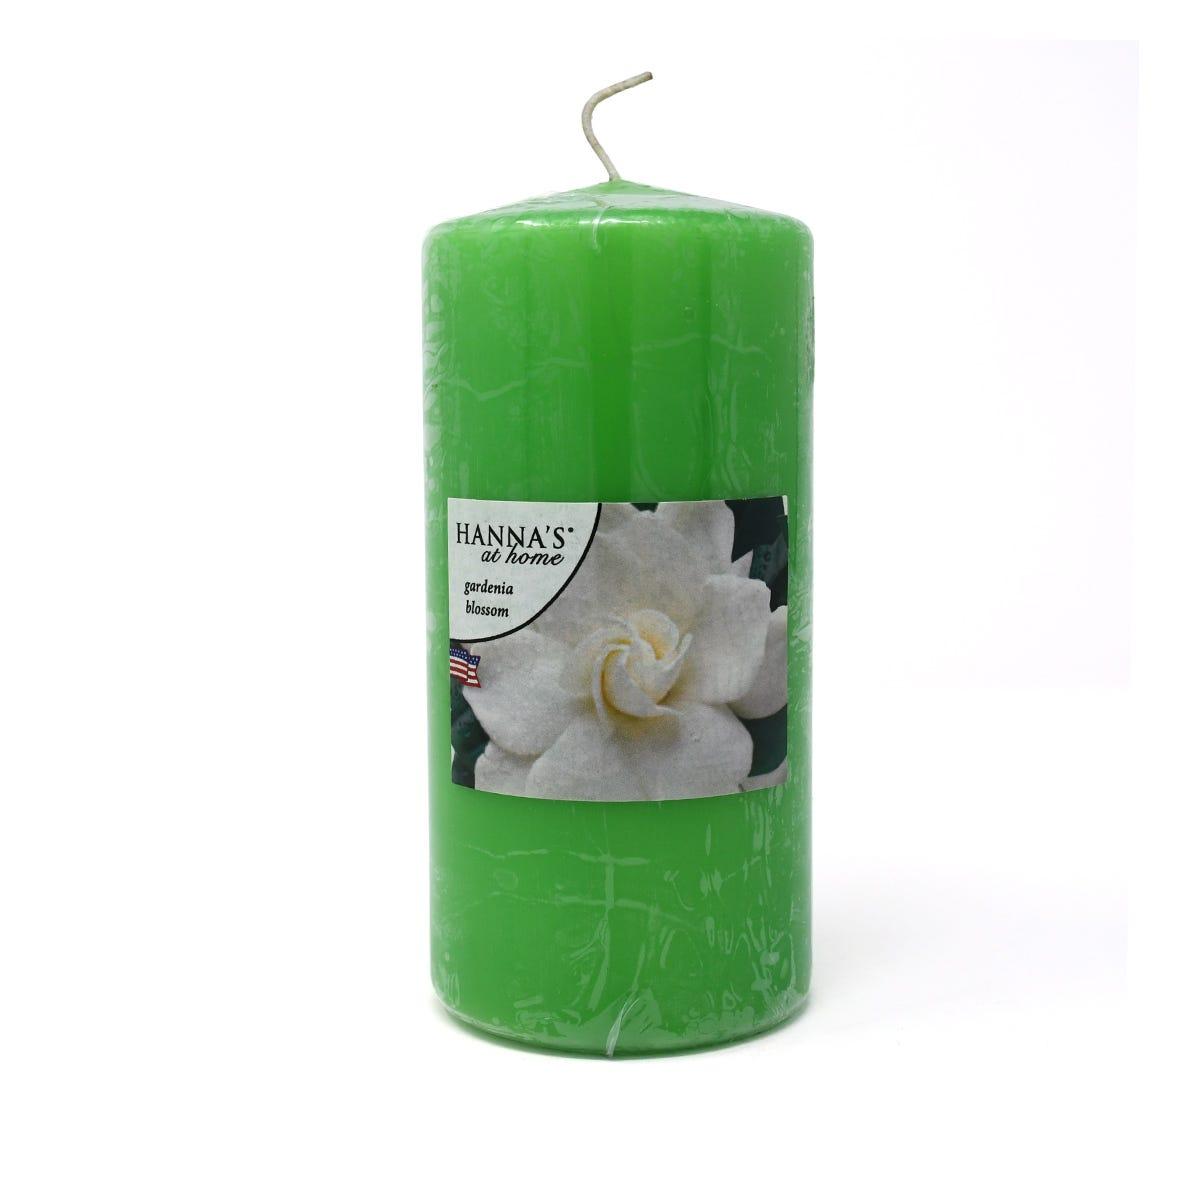 Vela Hannas® Gardenia Blossom